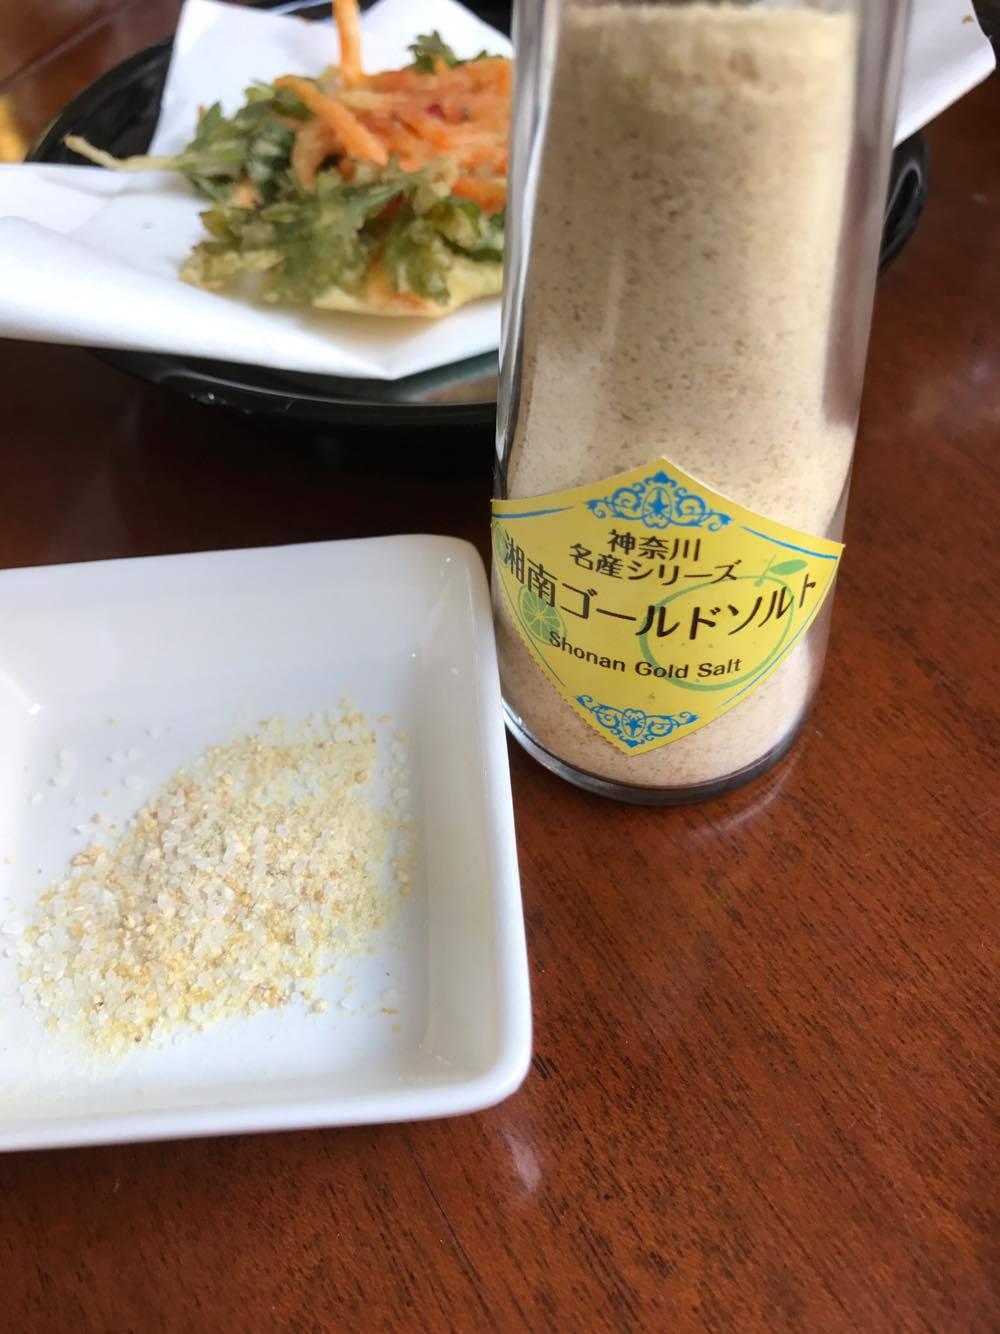 湘南ゴールドの塩